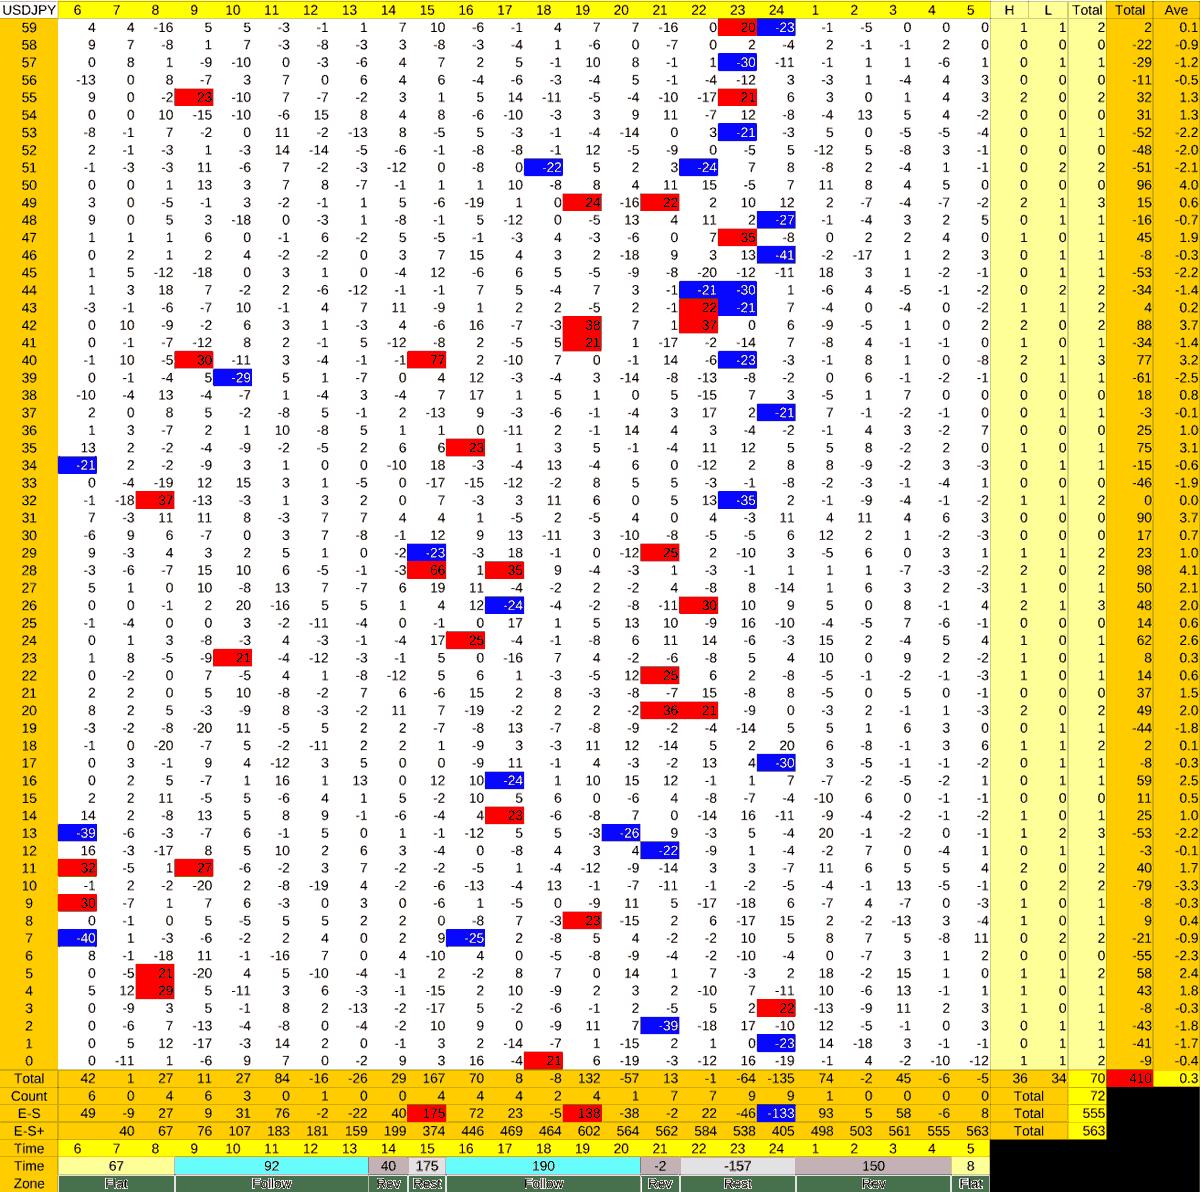 20210330_HS(1)USDJPY-min